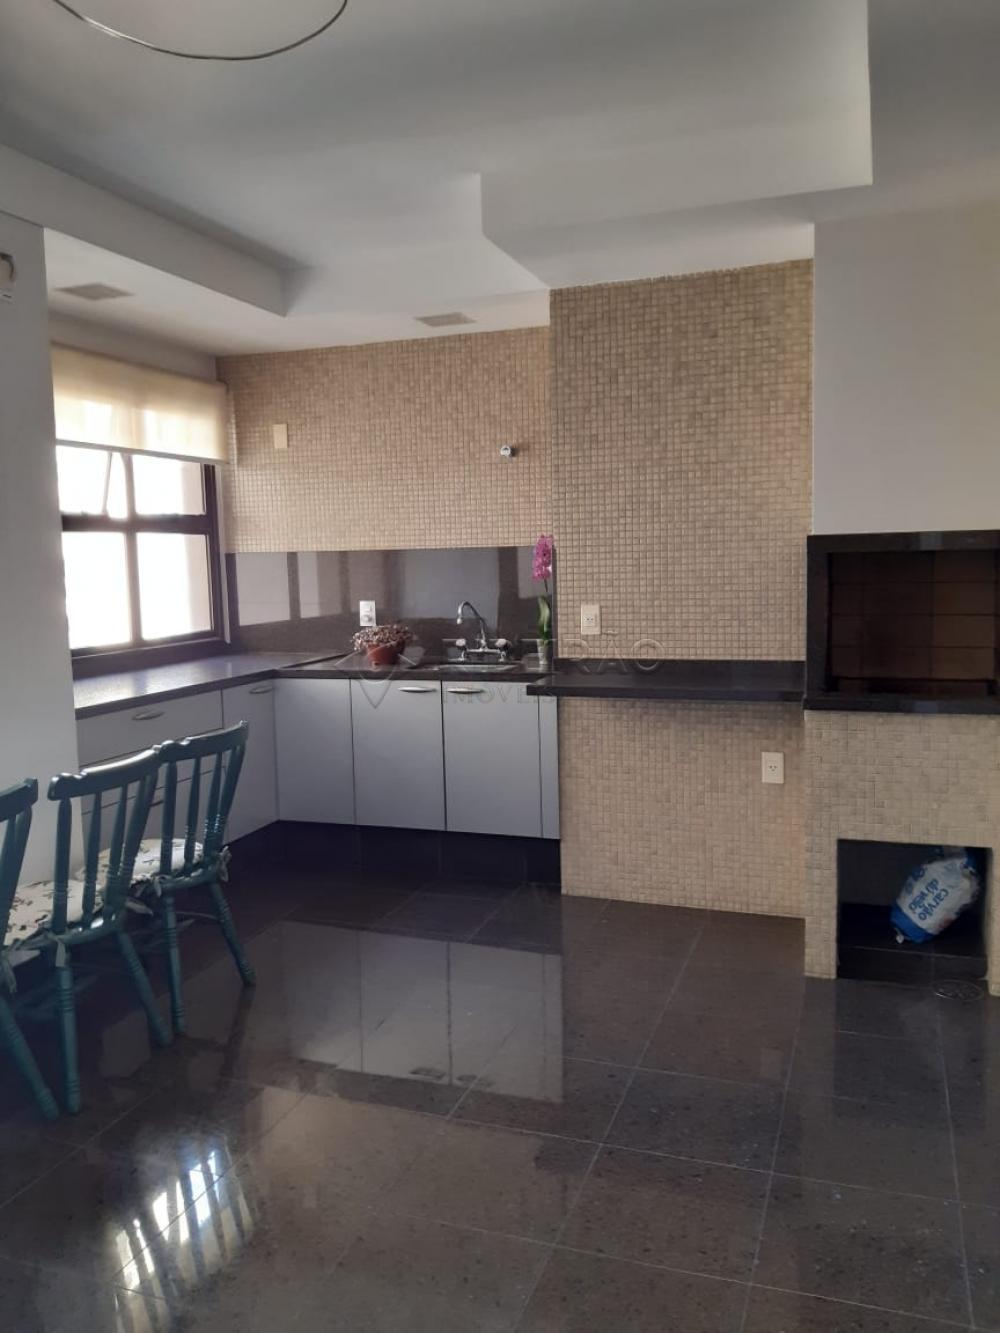 Comprar Apartamento / Padrão em Ribeirão Preto apenas R$ 1.400.000,00 - Foto 11